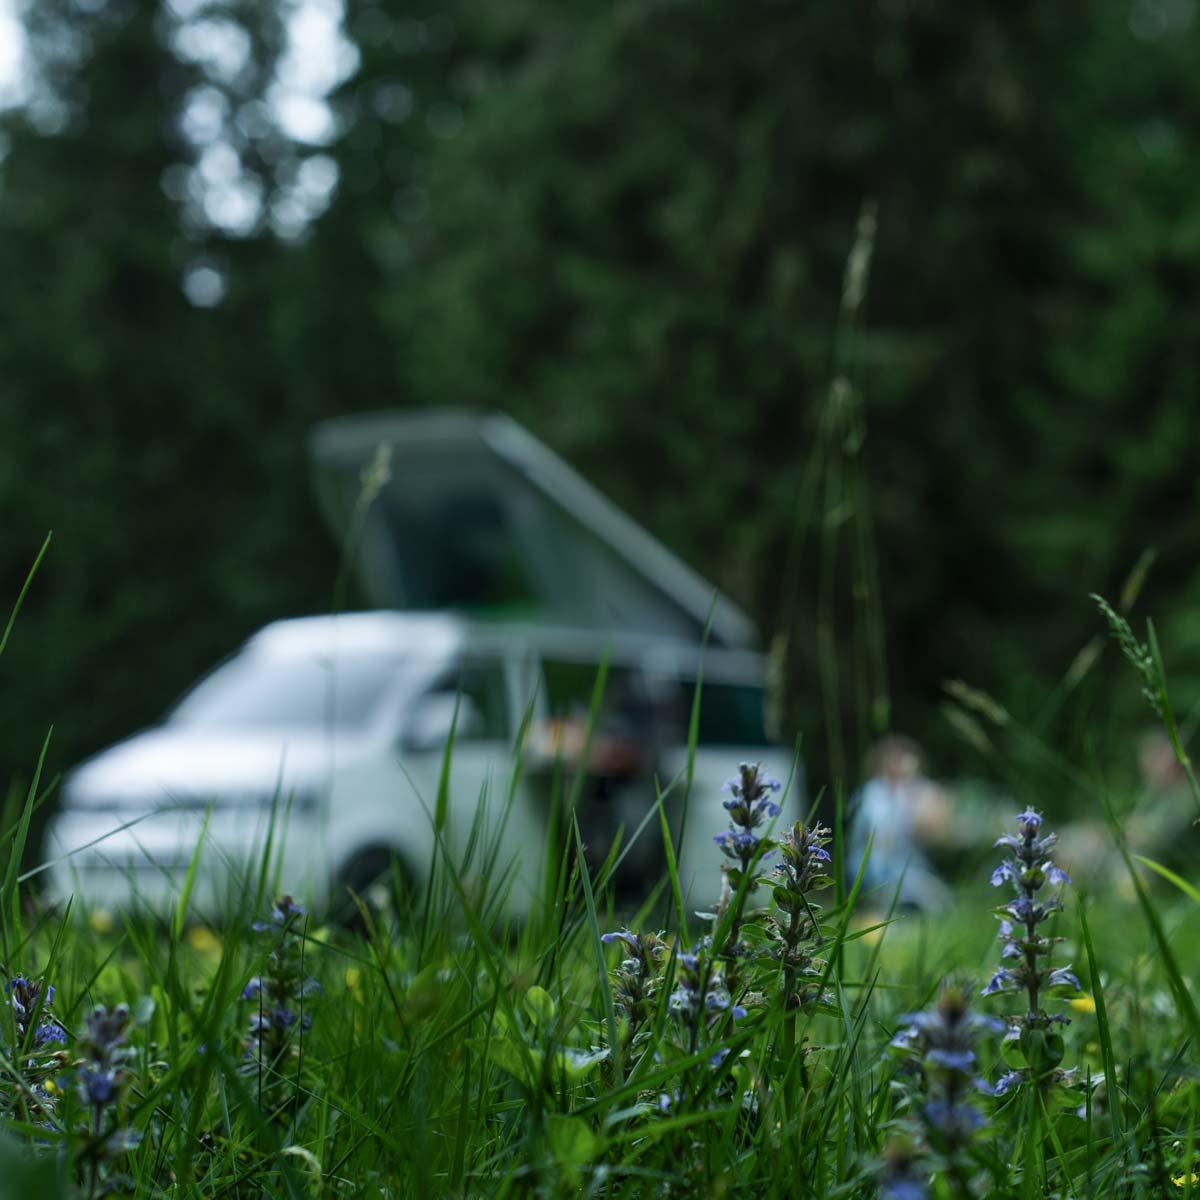 Camper mieten Schweiz, VW Bus in saftiger Blumenwiese, Jura, Kontakt